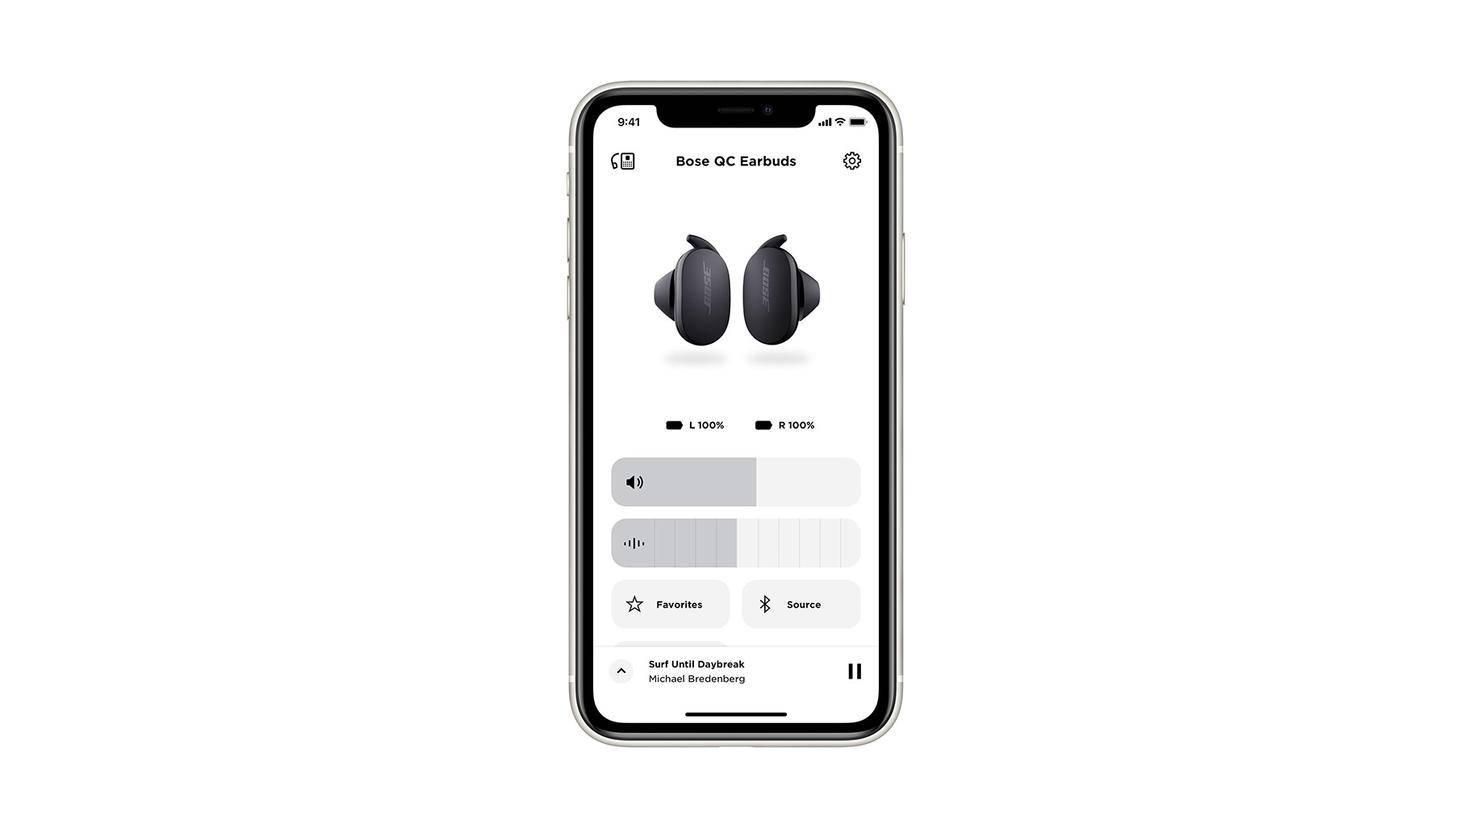 Auch die Bose QuietComfort Earbuds punkten mit zahlreichen Features.